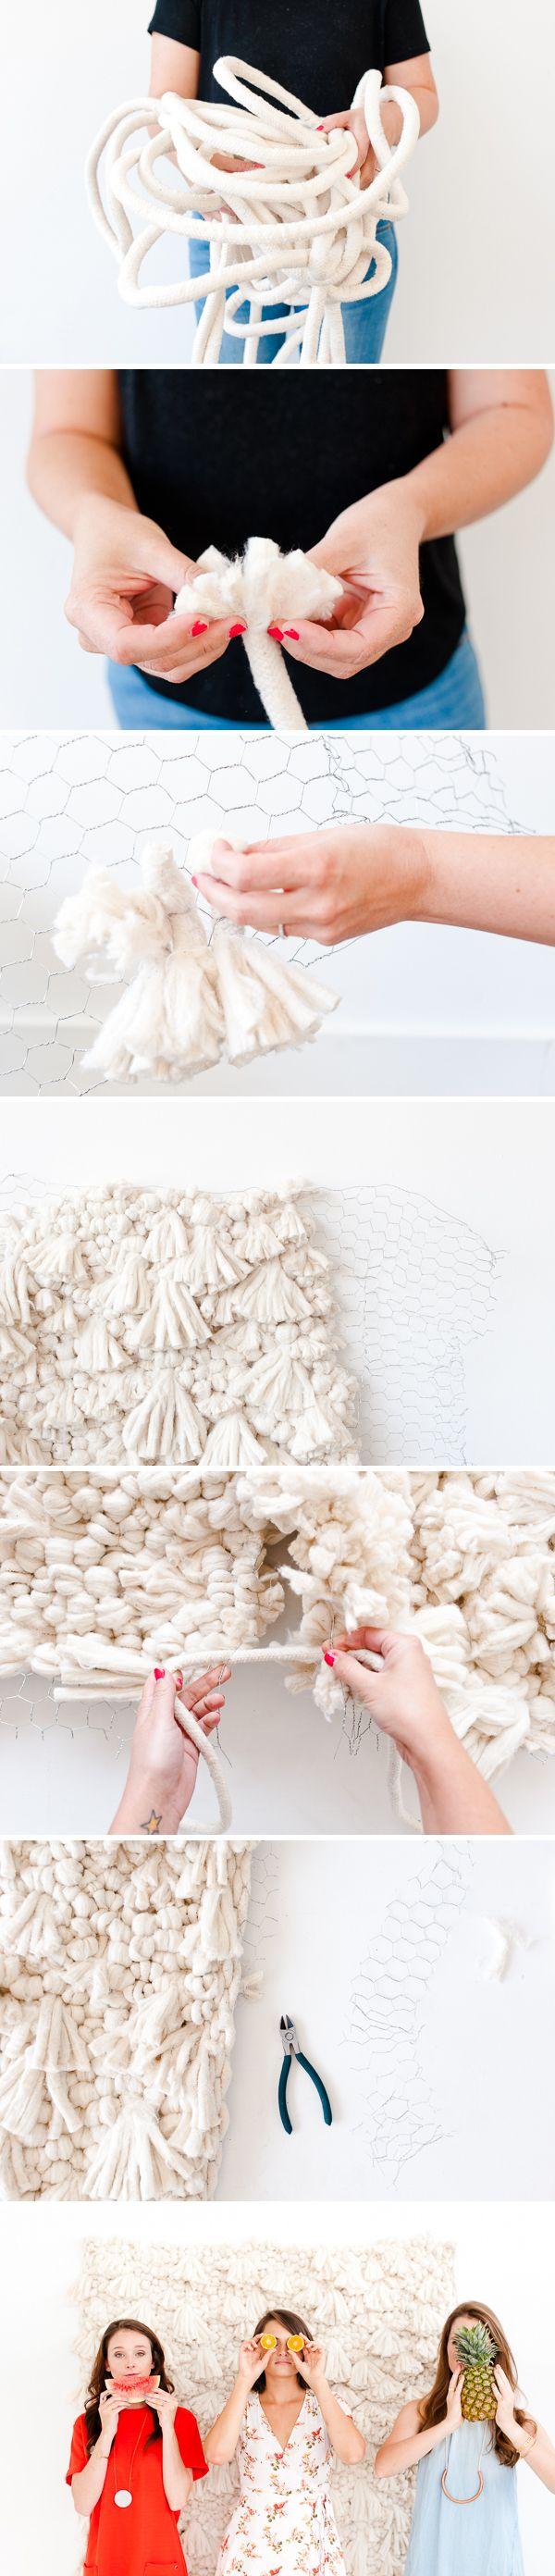 Comment faire un grand stand tissage / photo toile de fond de bricolage à grande échelle.  Cliquez sur le lien pour le tutoriel étape par étape.